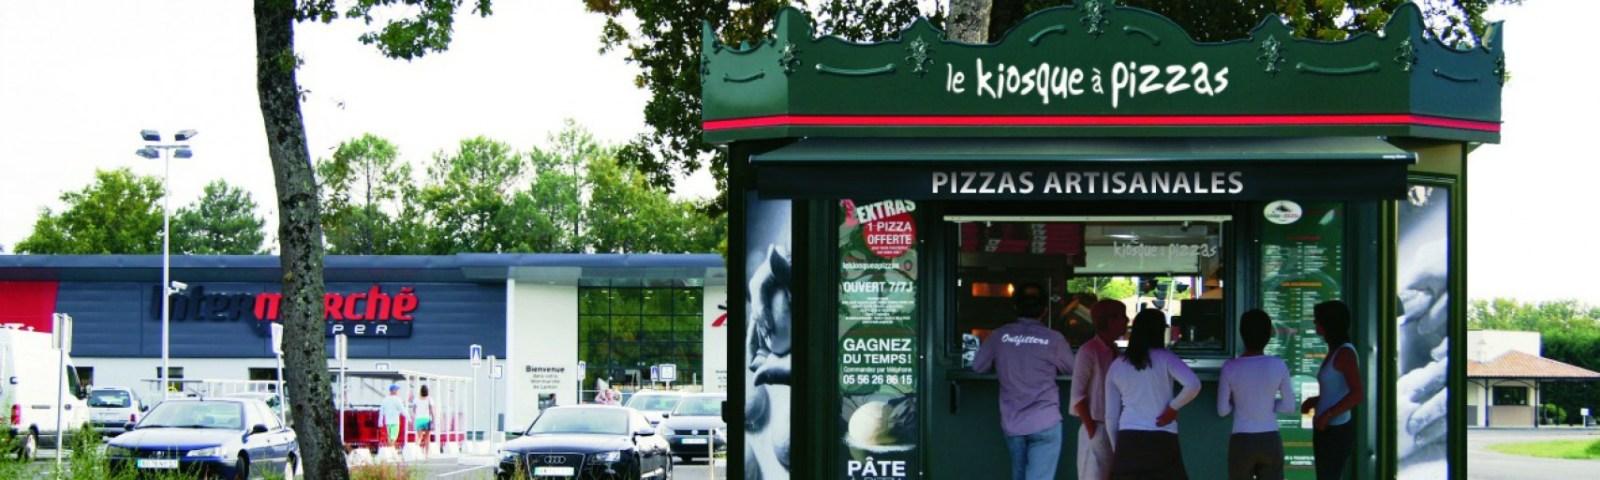 Le Kiosque à Pizzas cresce 12% em julho